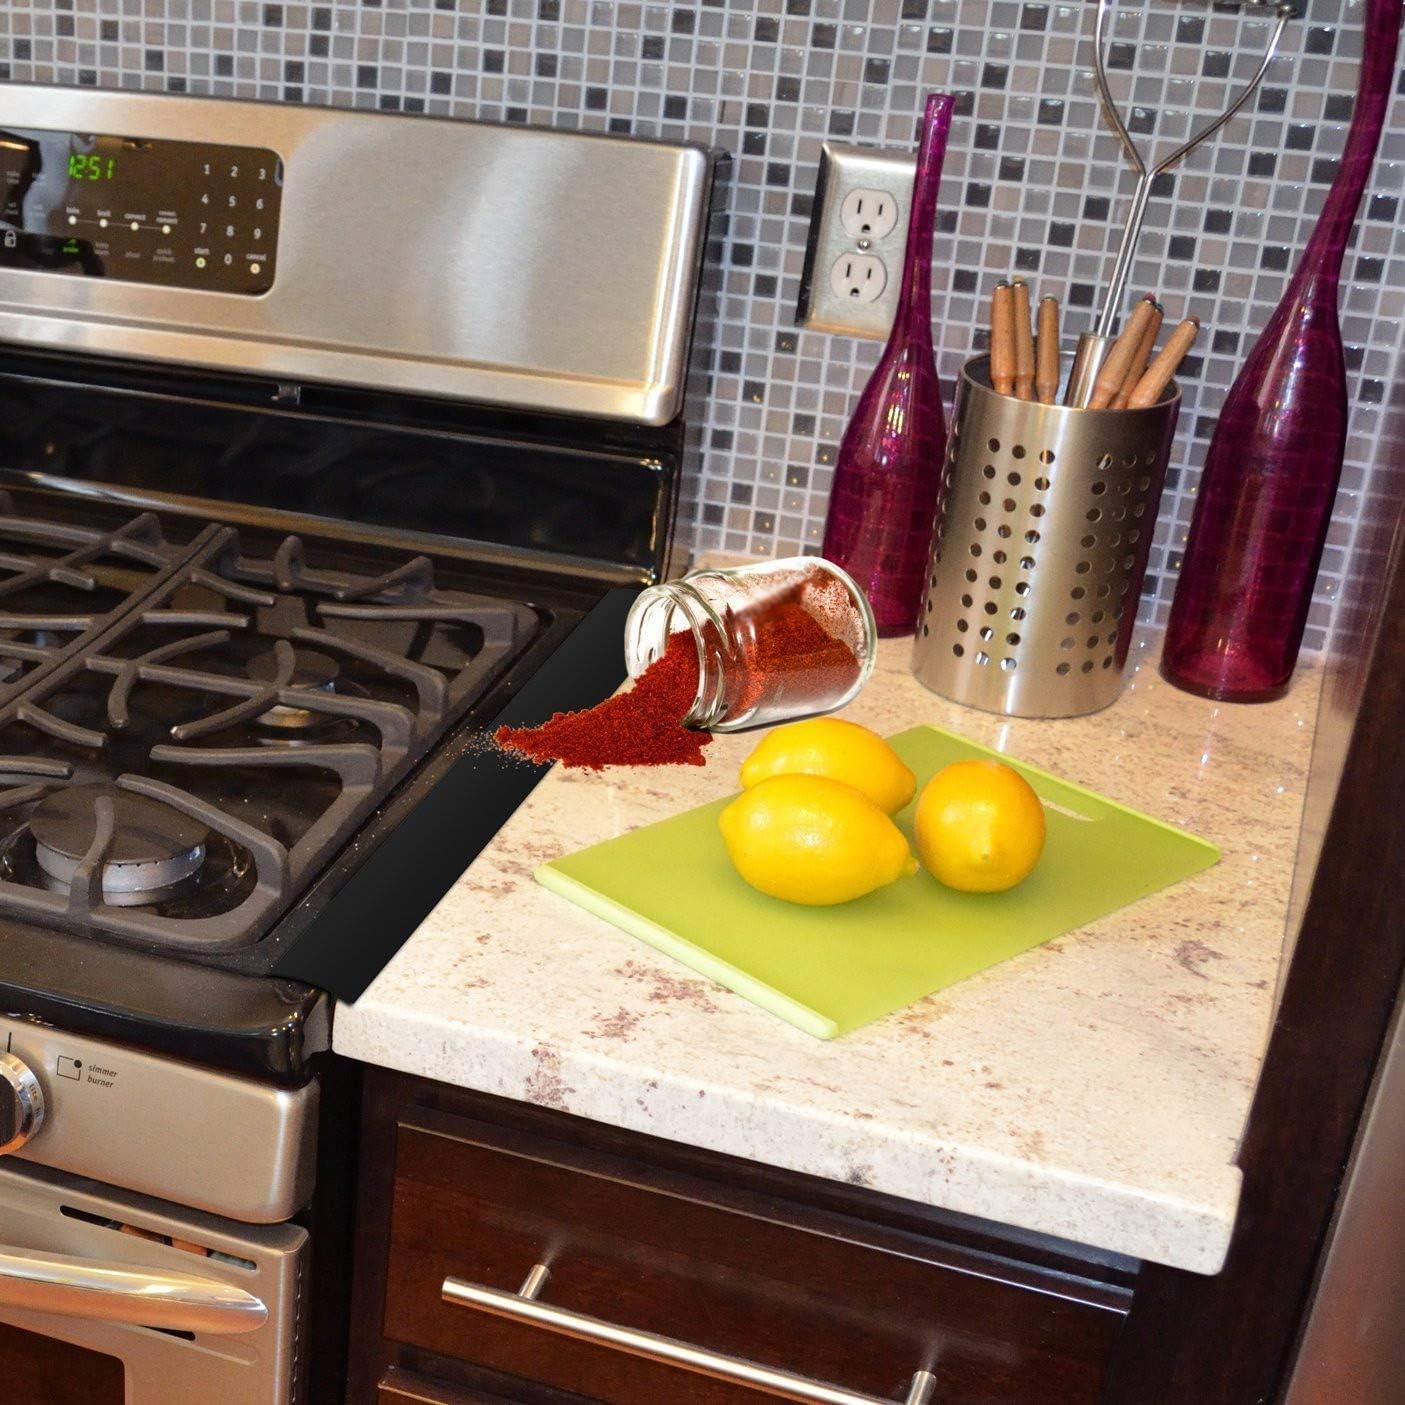 Tapas de silicona para agujero y junta larga (paquete de 2) juntas, encimera, cocina, lavadora, horno, lavadora, color negro: Amazon.es: Hogar